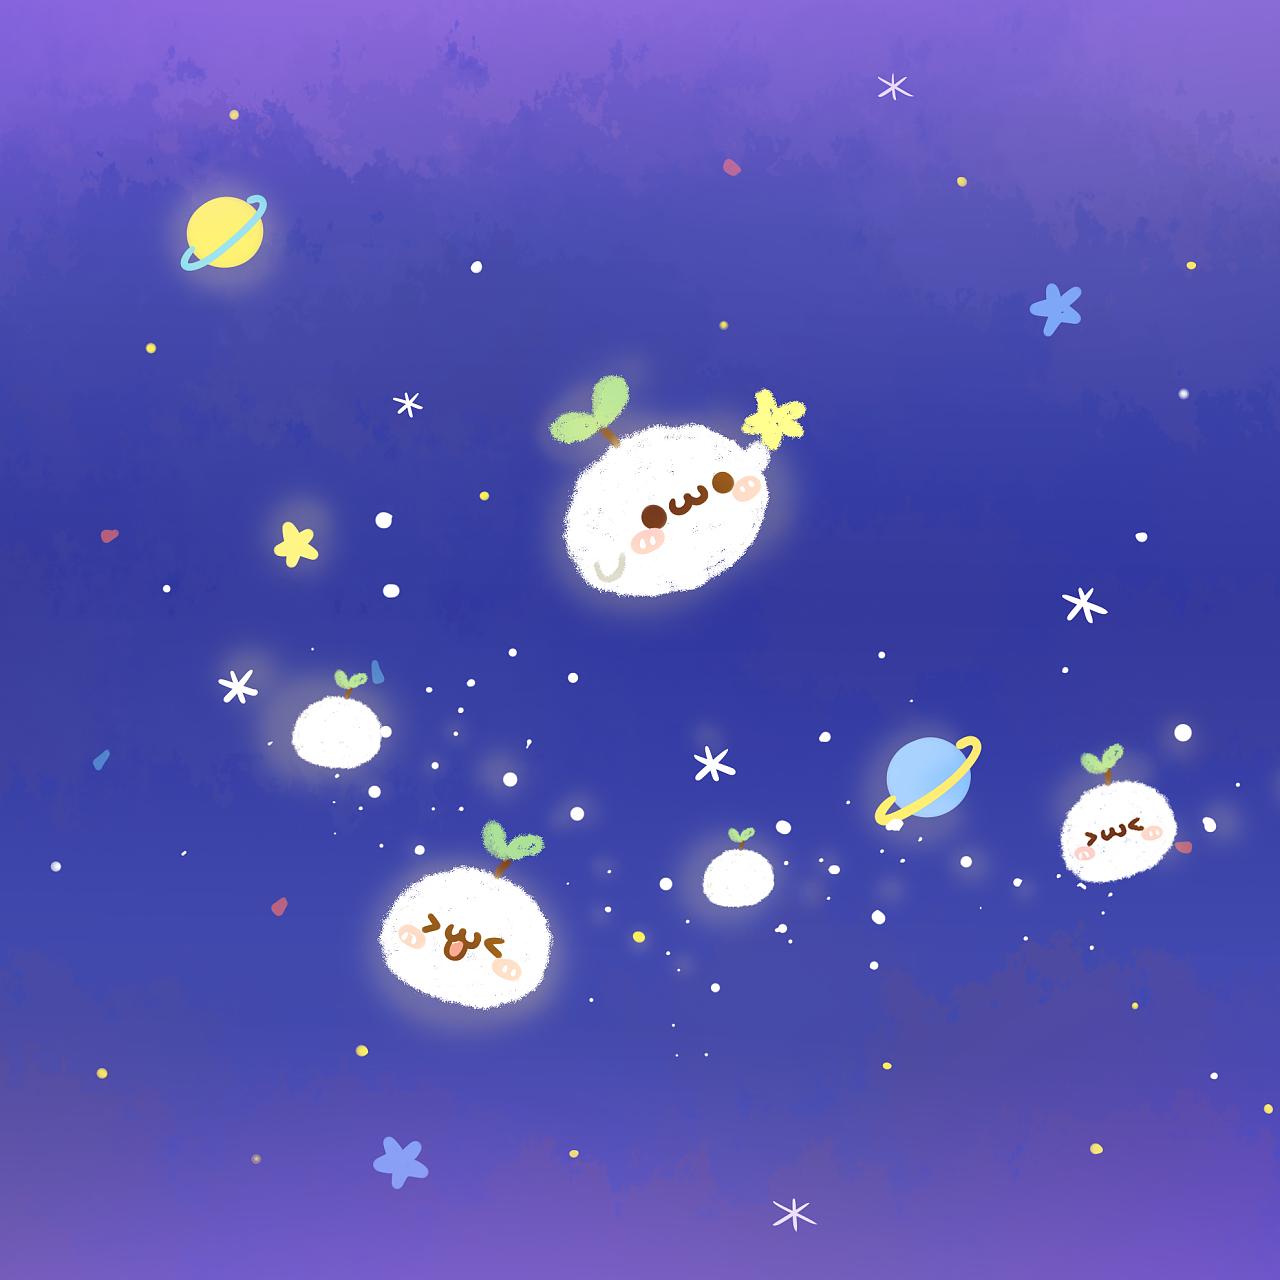 长草颜团子漫画软件_长草颜团子简笔画